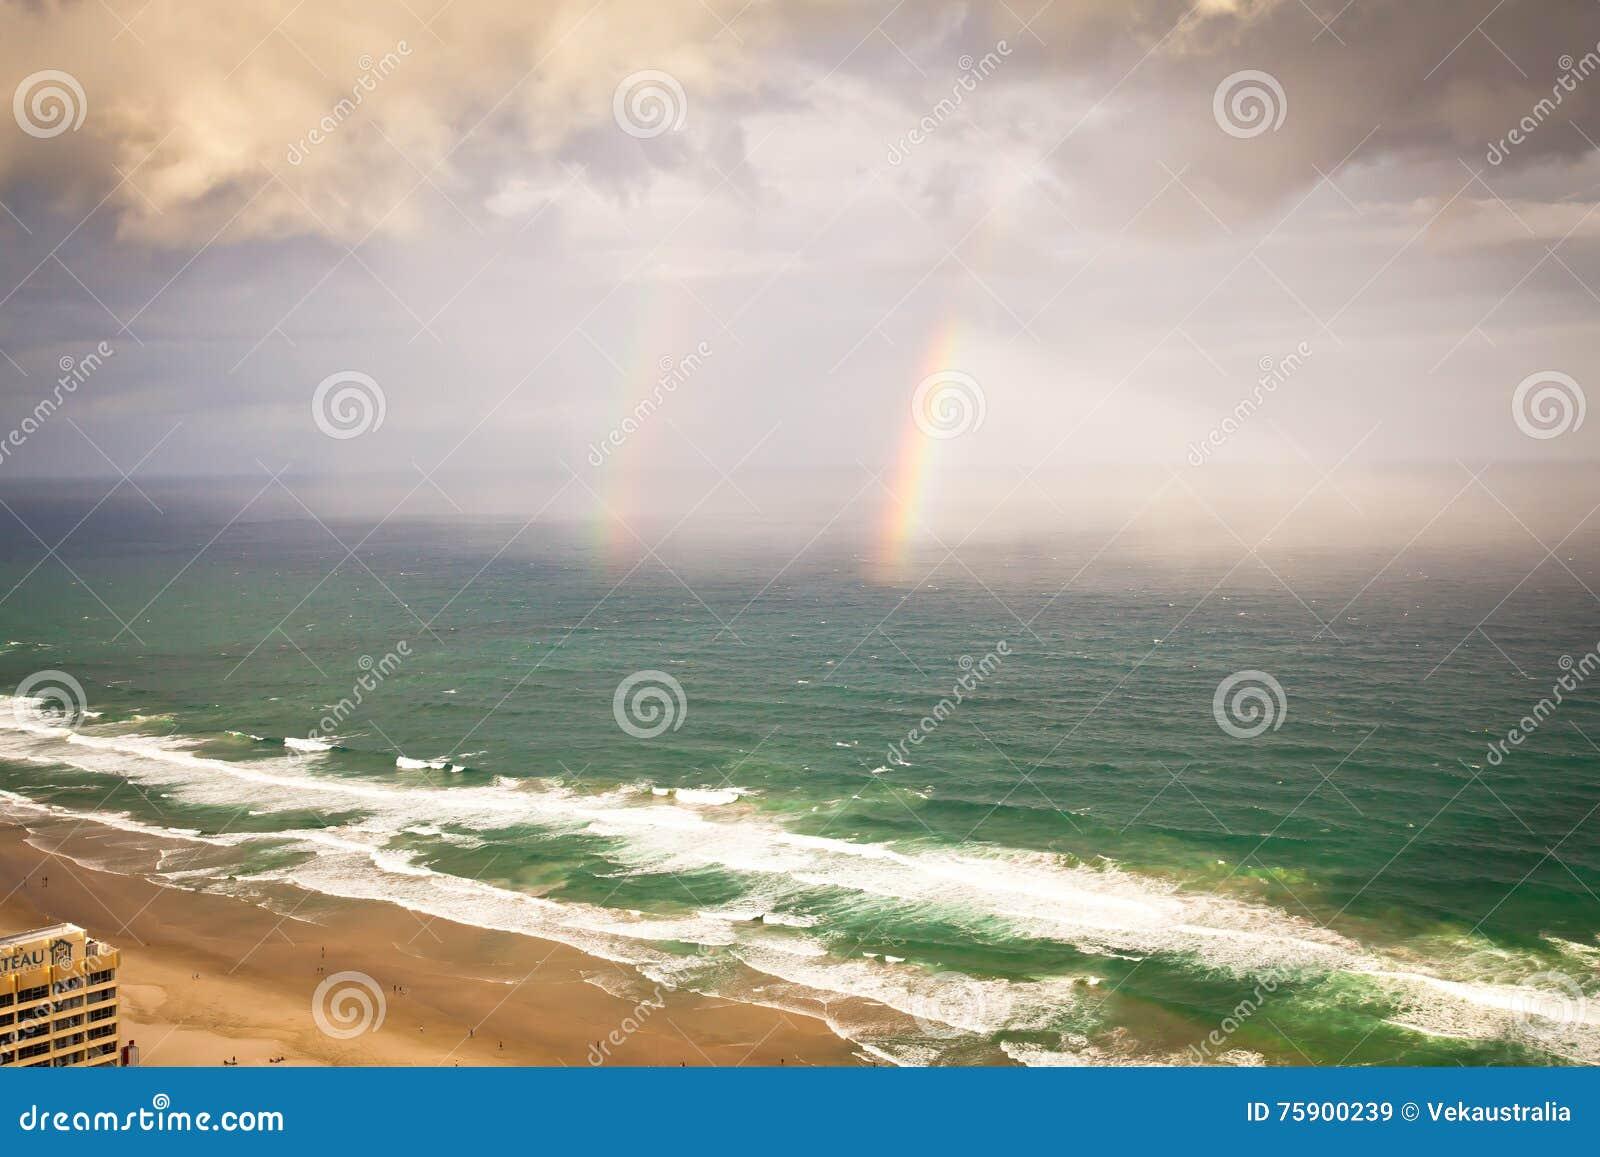 Złoto Brzegowy Queensland Australia - prysznic i tęcza